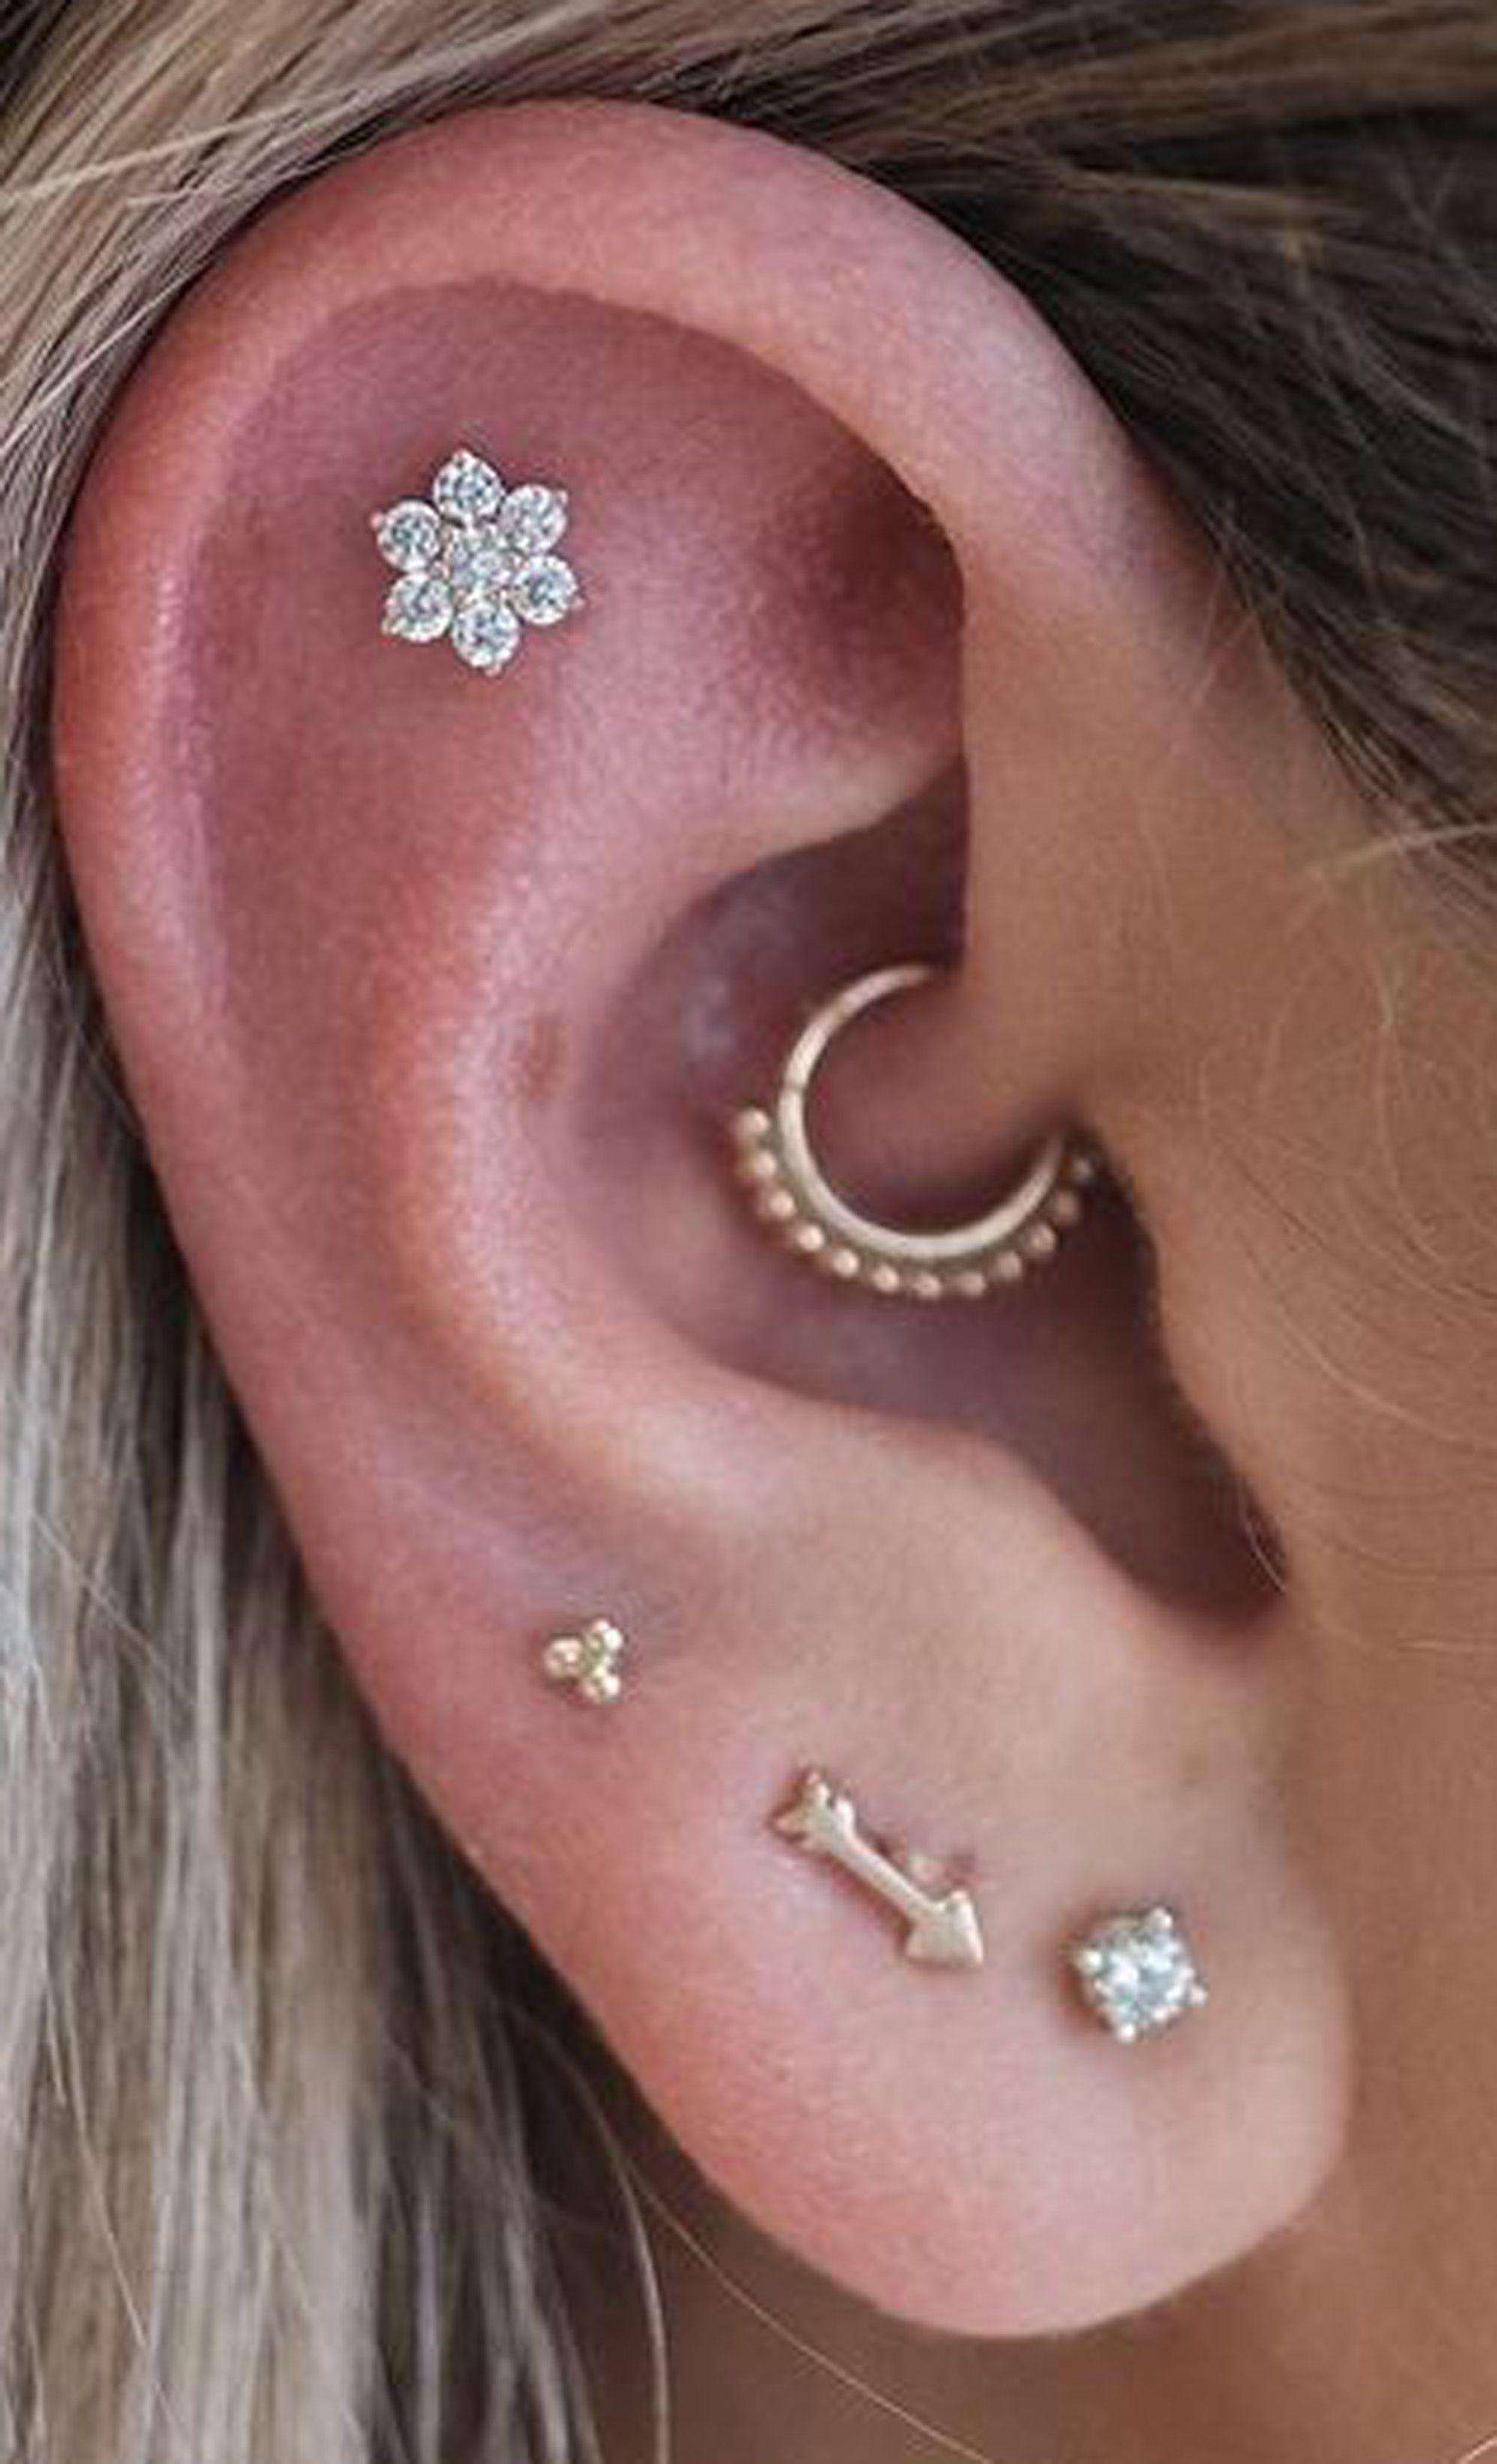 Piercing arten ohr  Felicity Crystal Flower G Ear Piercing Stud Earring  Piercing